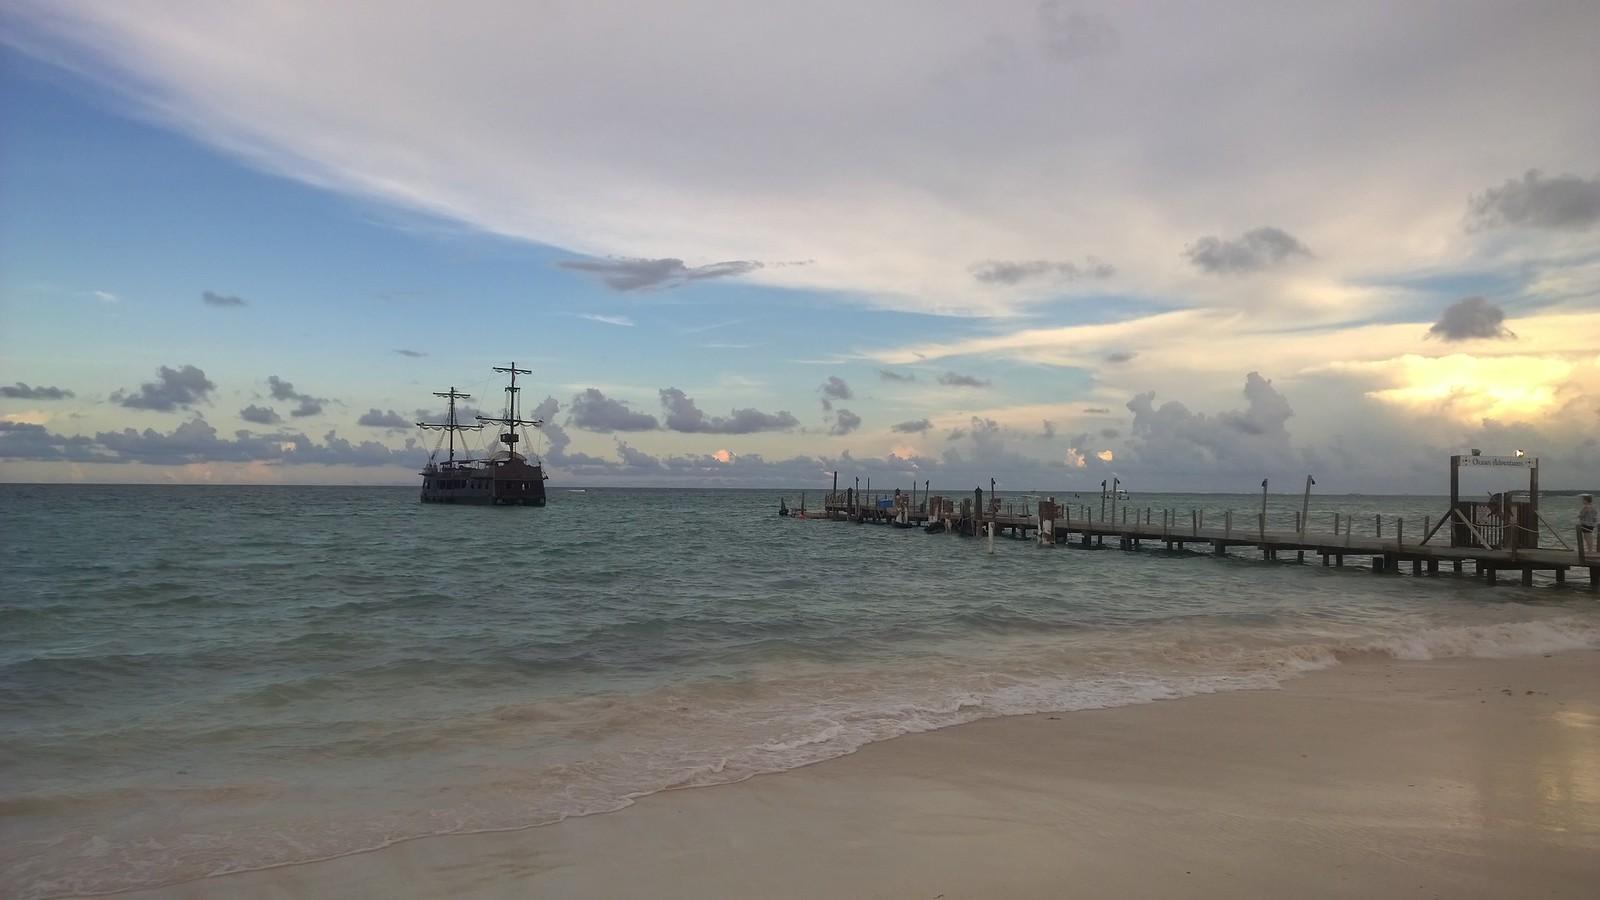 Карибское море в октябре - серо, пасмурно, ветренно